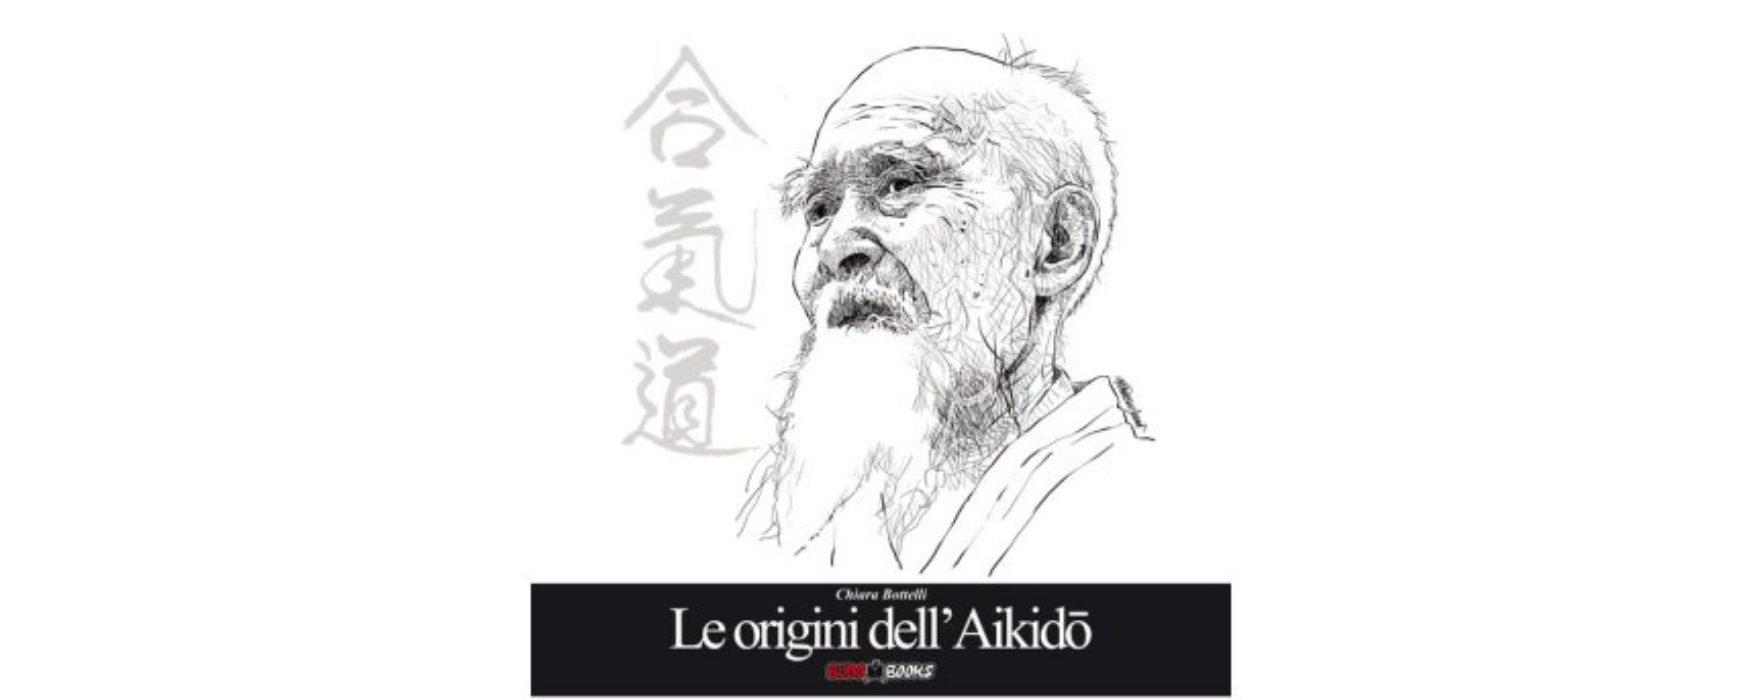 Chiara Bottelli: Le origini dell'Aikido